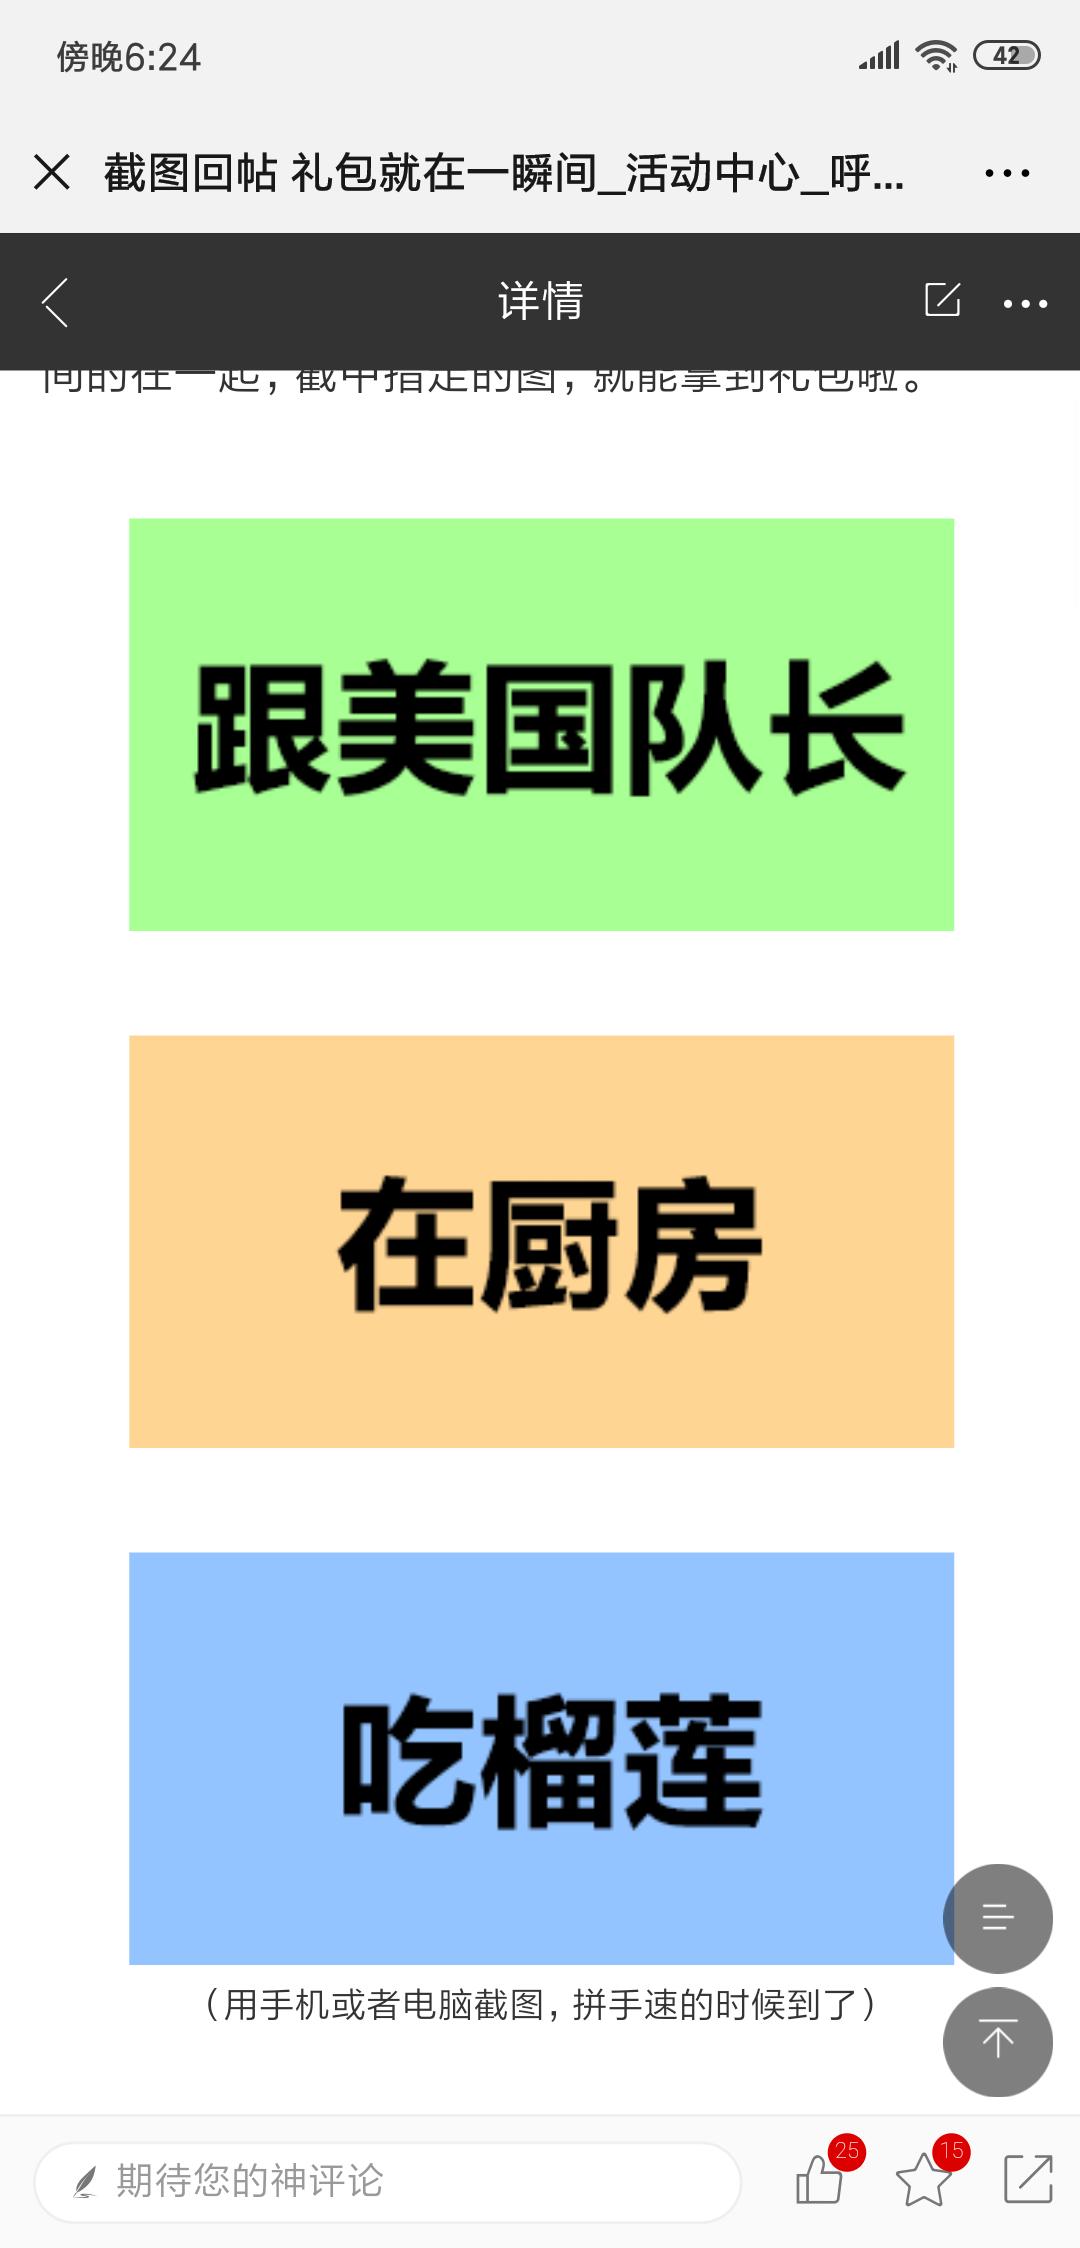 Screenshot_2019-07-25-18-24-02-080_com.tencent.mm.png